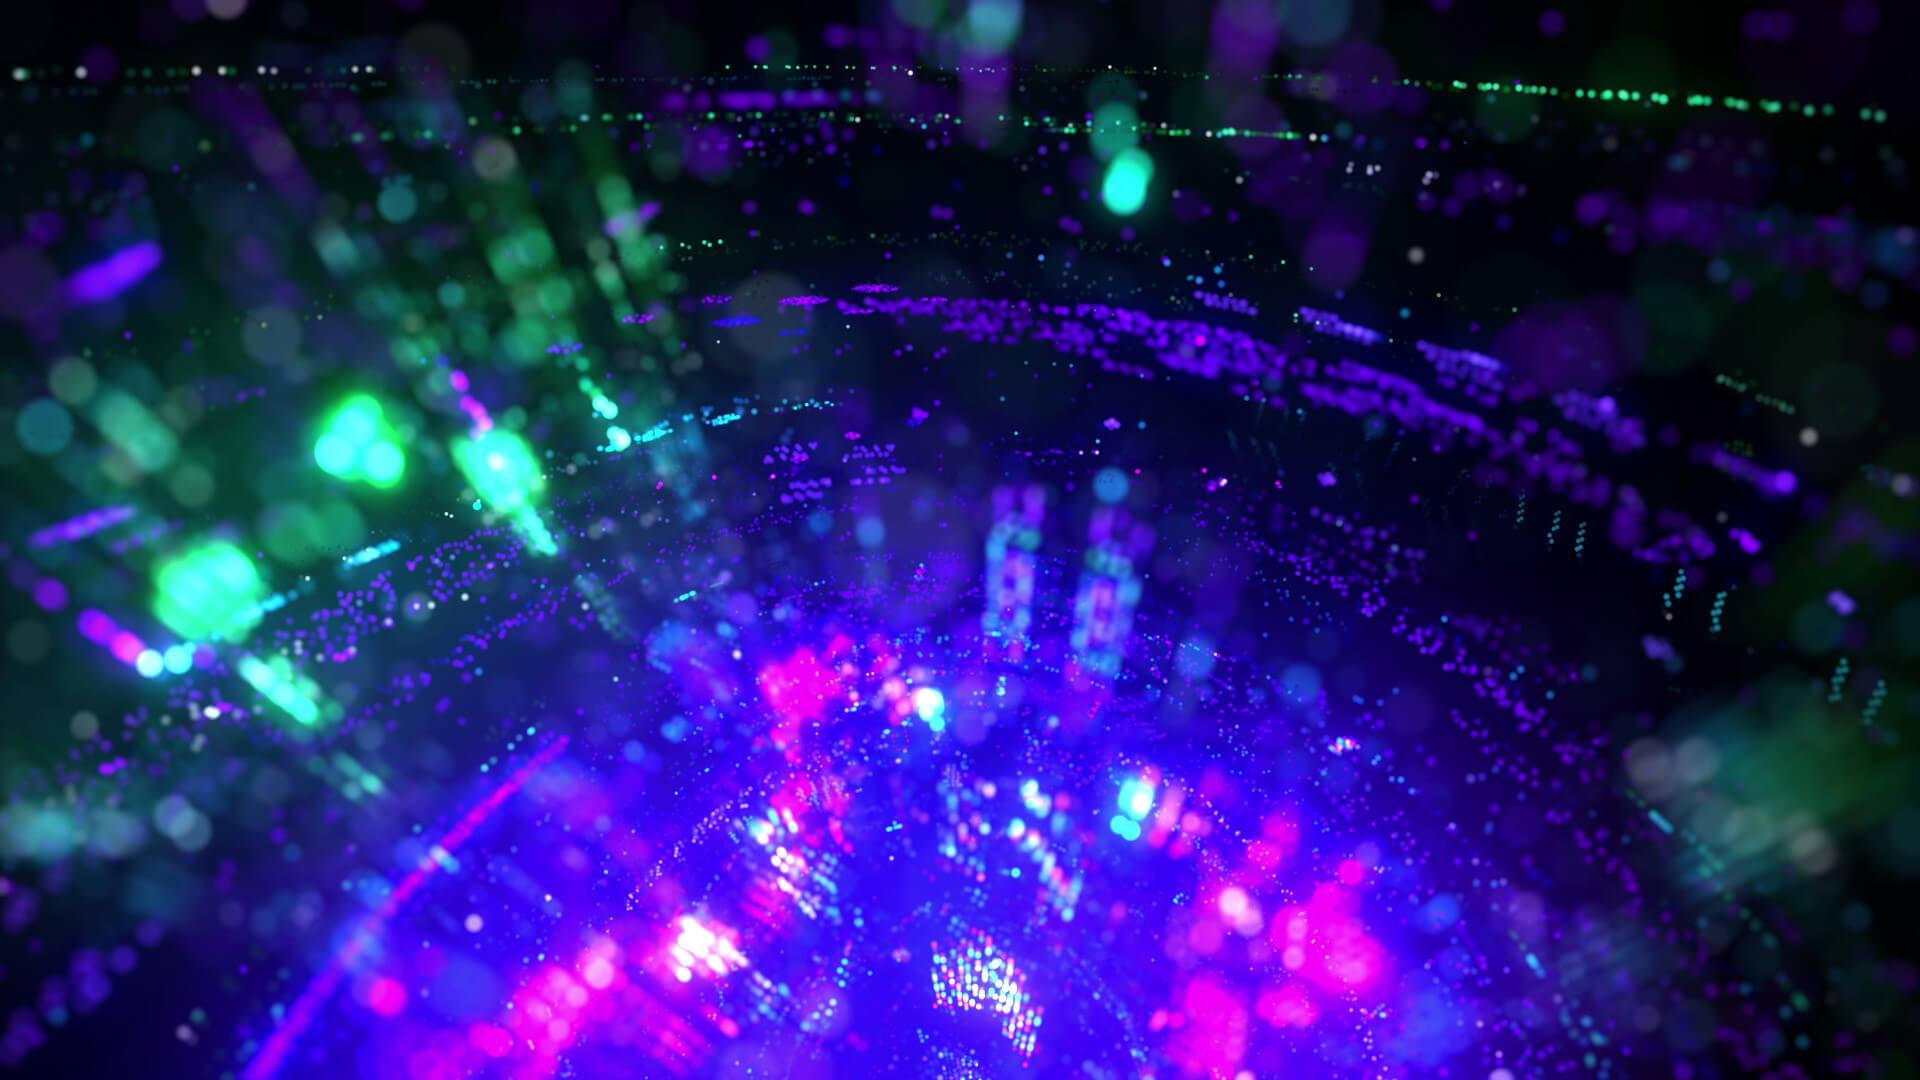 视频素材 12个高科技闪光VJ无缝循环LED大屏幕背景素材 Tech Glitters Vj Loops